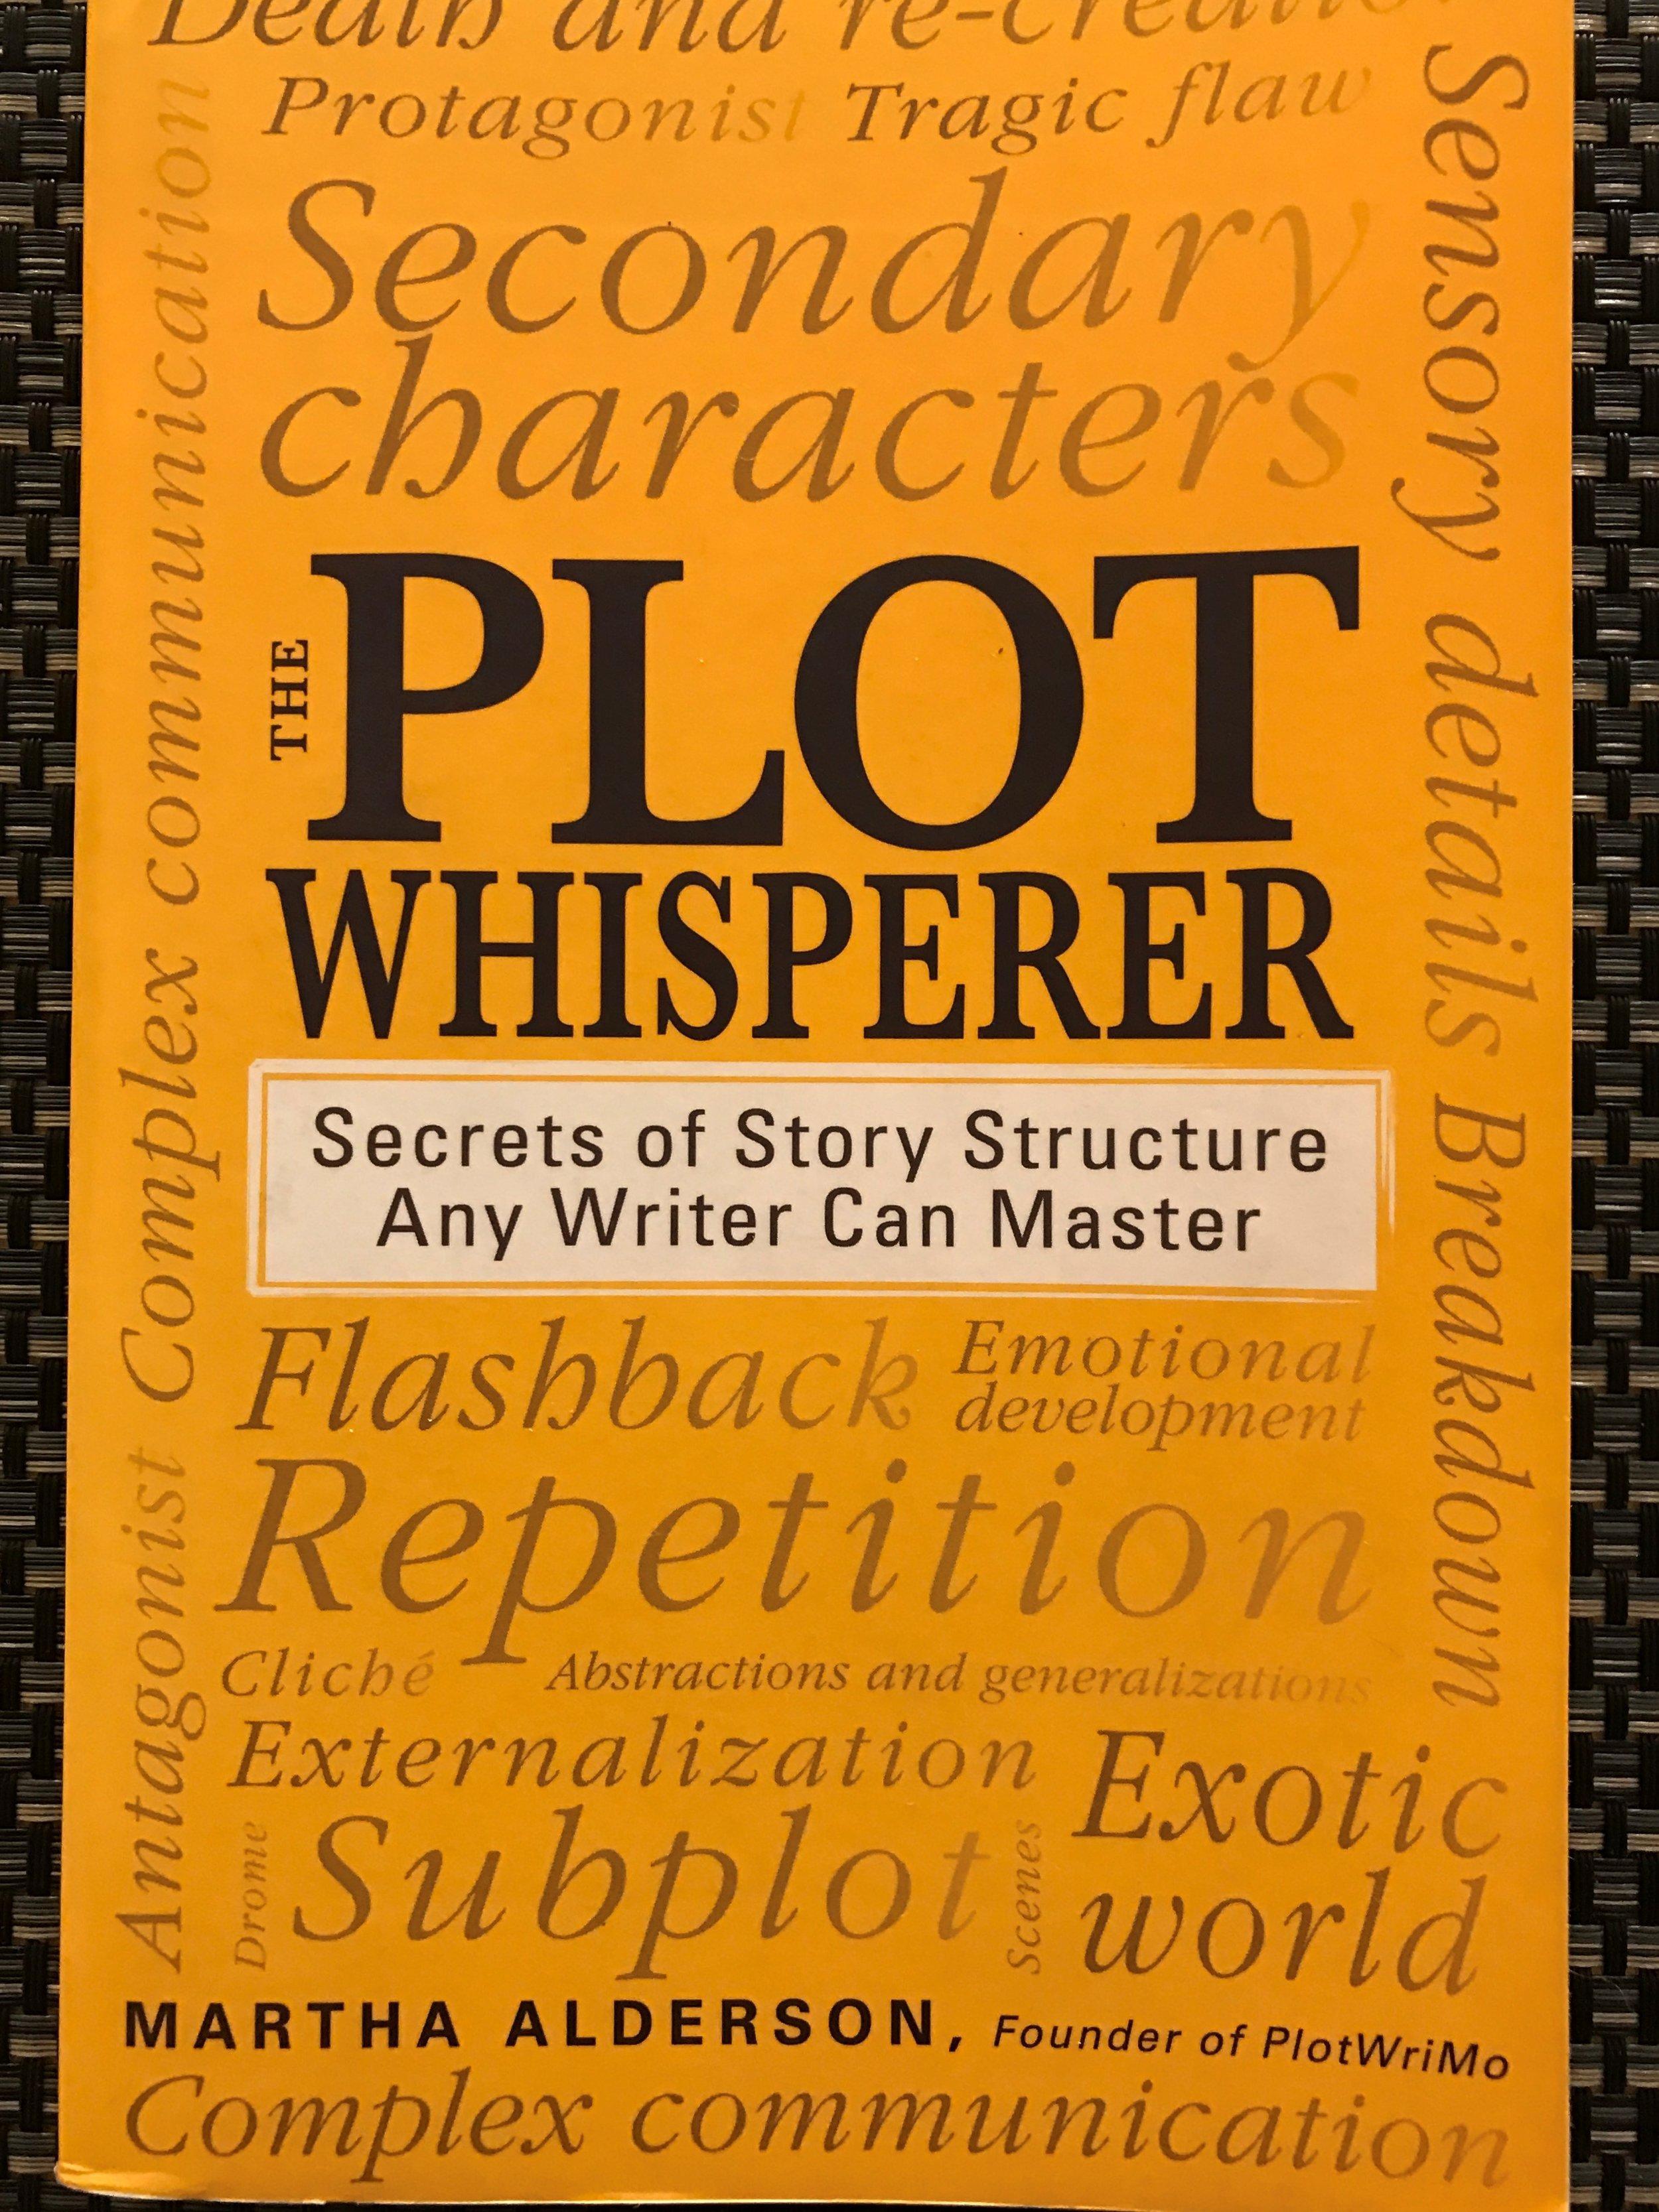 blog-plot-whisperer-091617.jpg